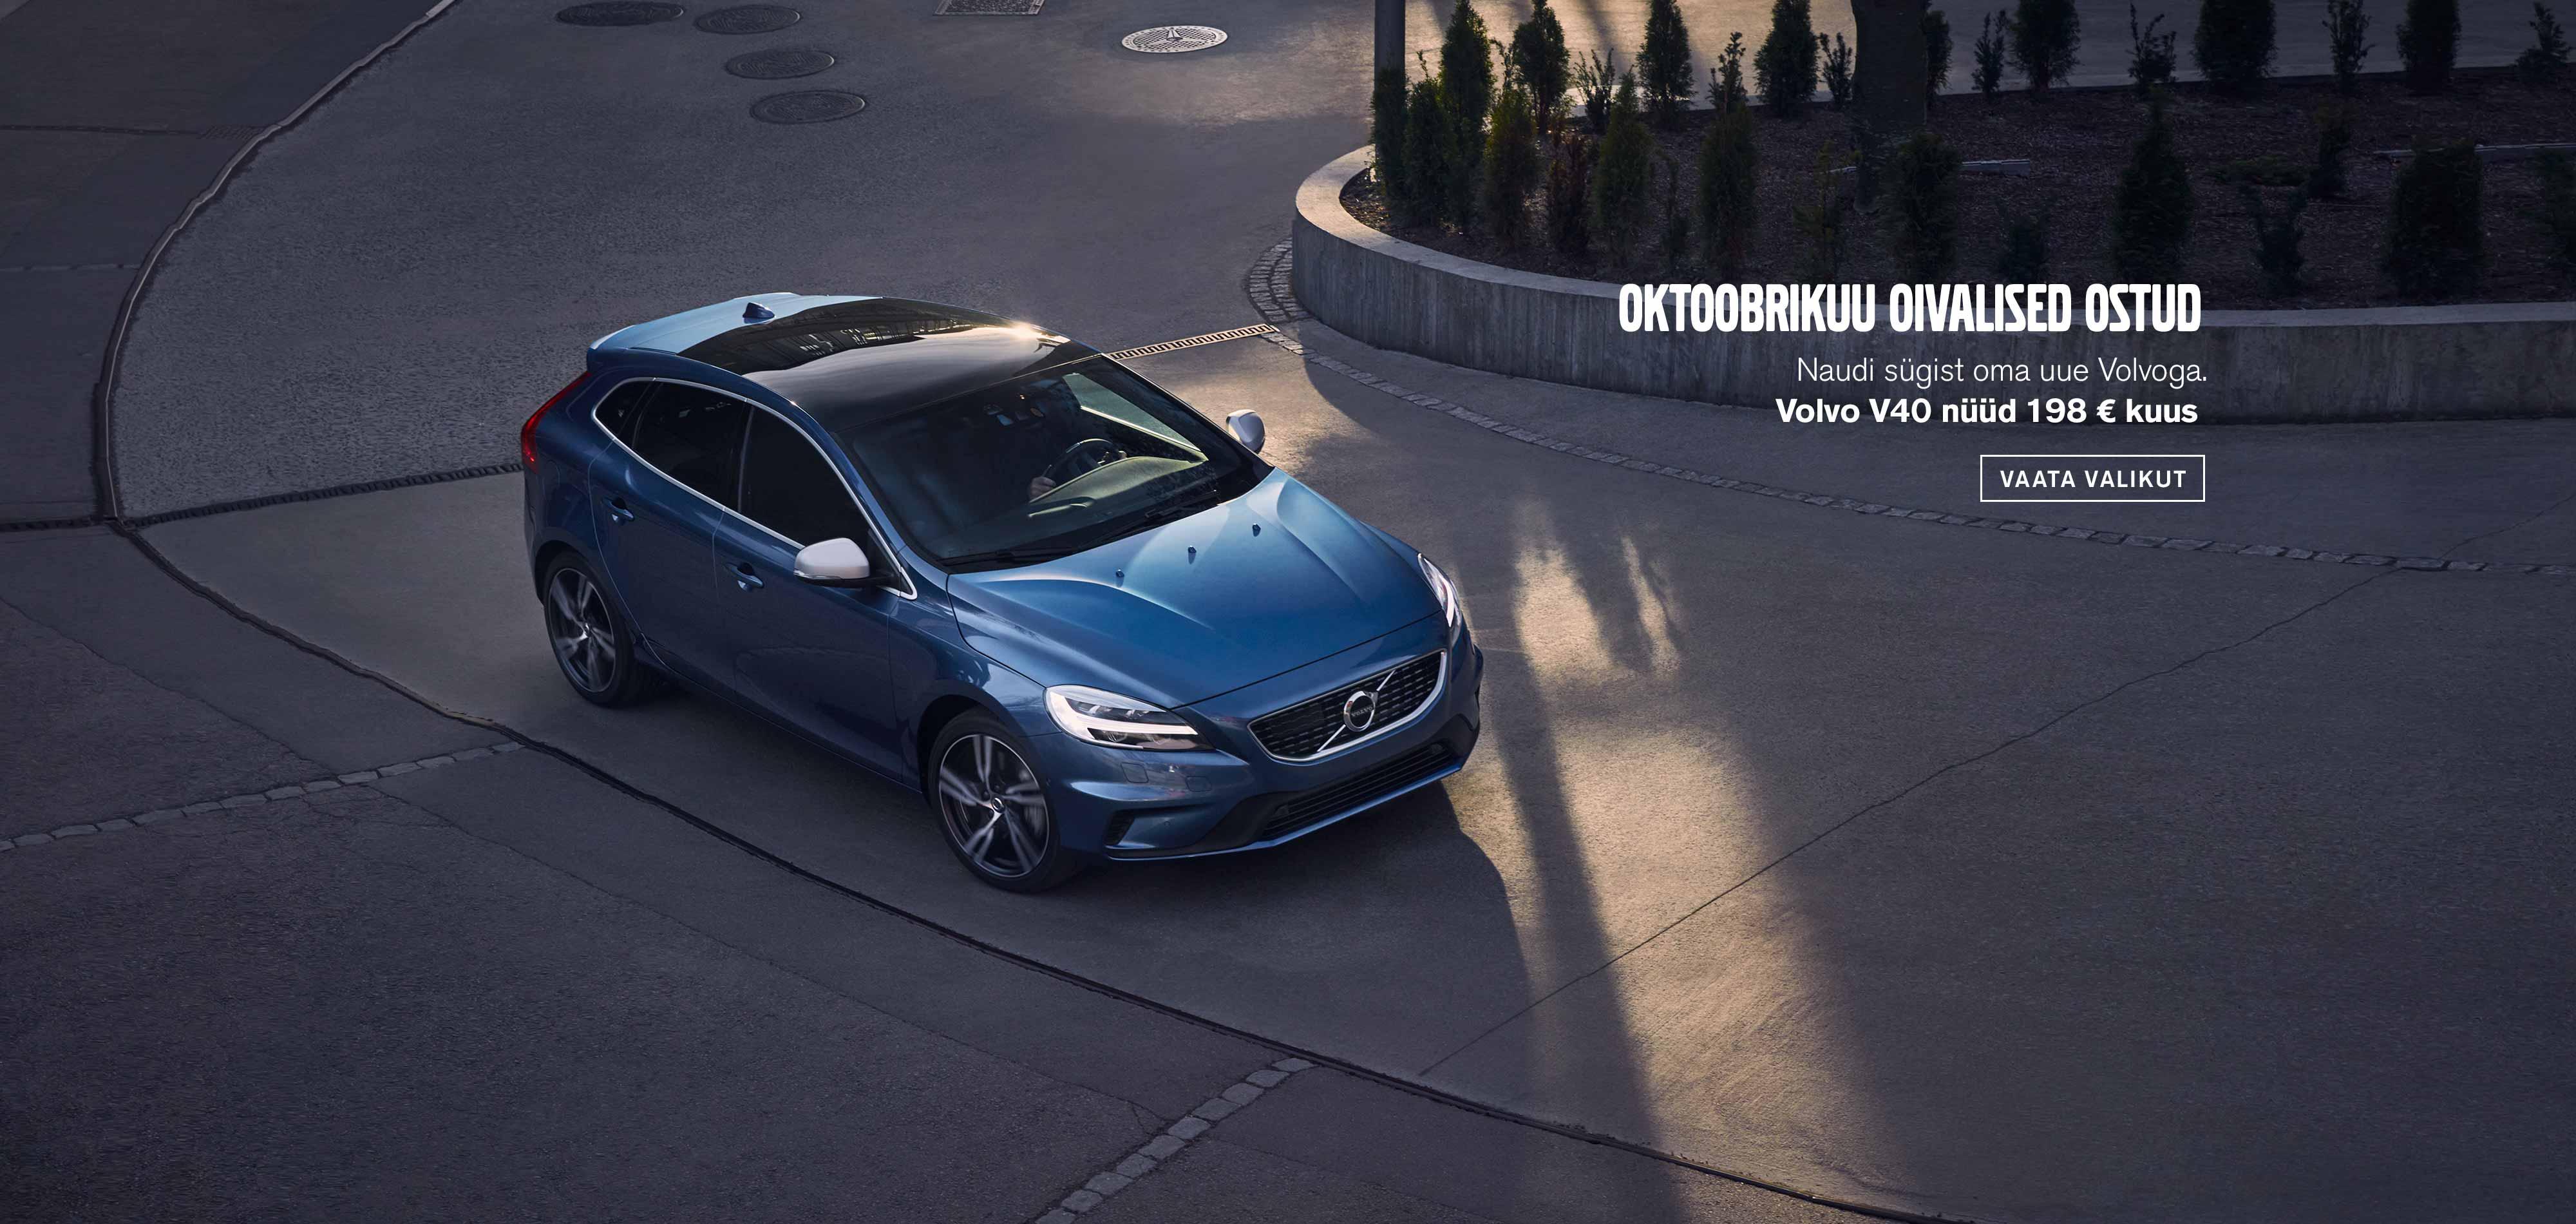 Volvo V40 oktoobrikuu sooduspakkumised